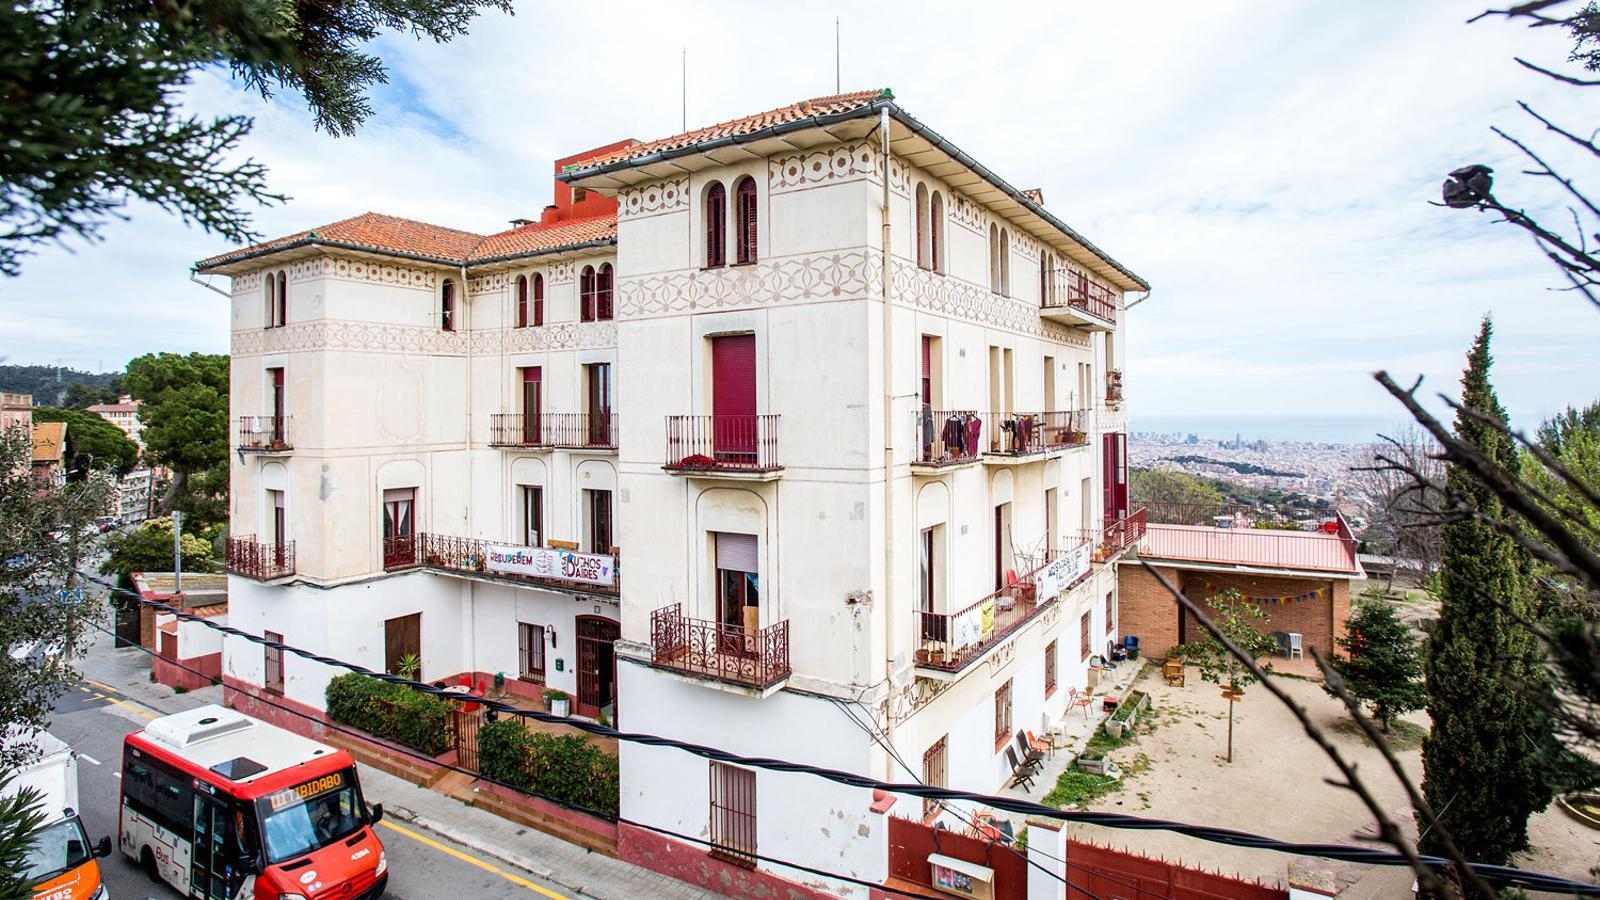 La coneguda com a Casa Buenos Aires, a Vallvidrera, és un edifici modernista construït a finals del XIX.